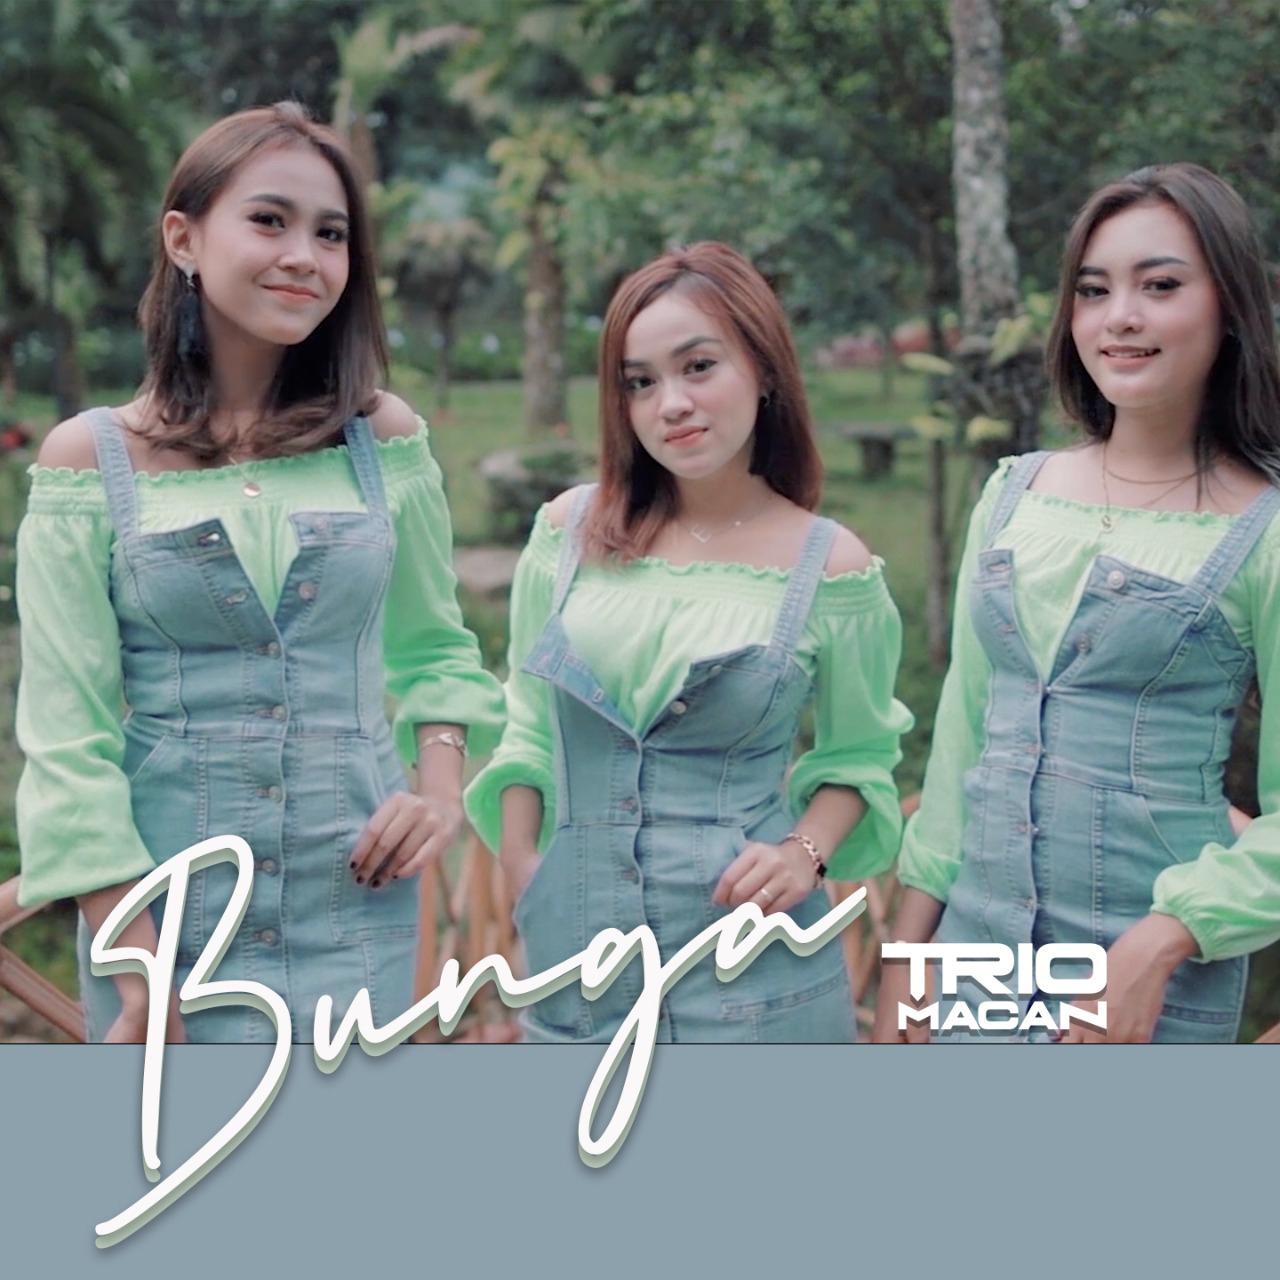 20210722_035633_TrioMacan-Bunga.jpg